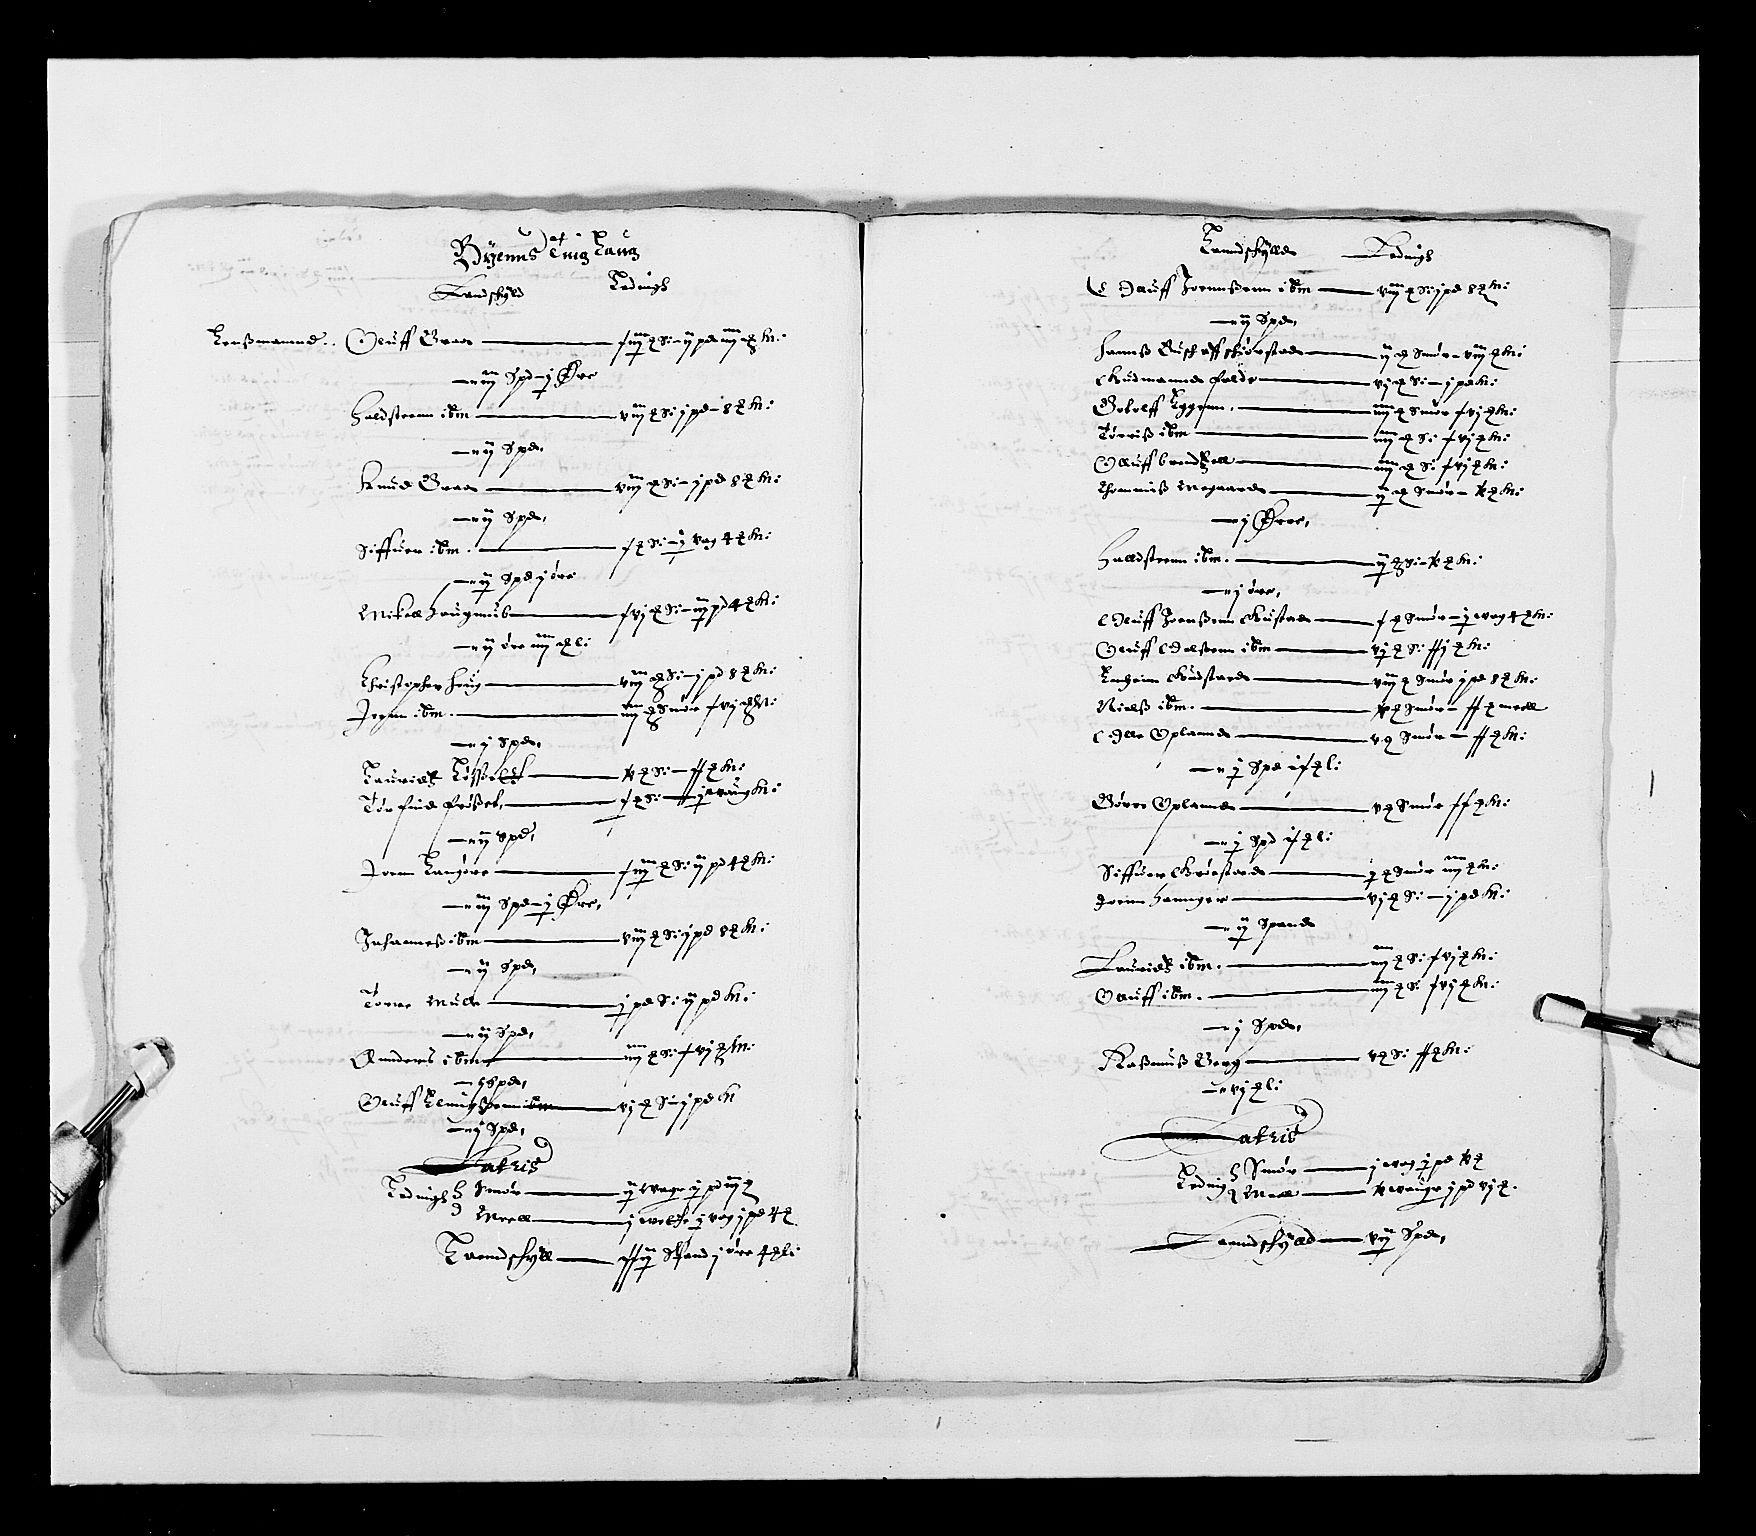 RA, Stattholderembetet 1572-1771, Ek/L0028: Jordebøker 1633-1658:, 1645-1646, s. 172